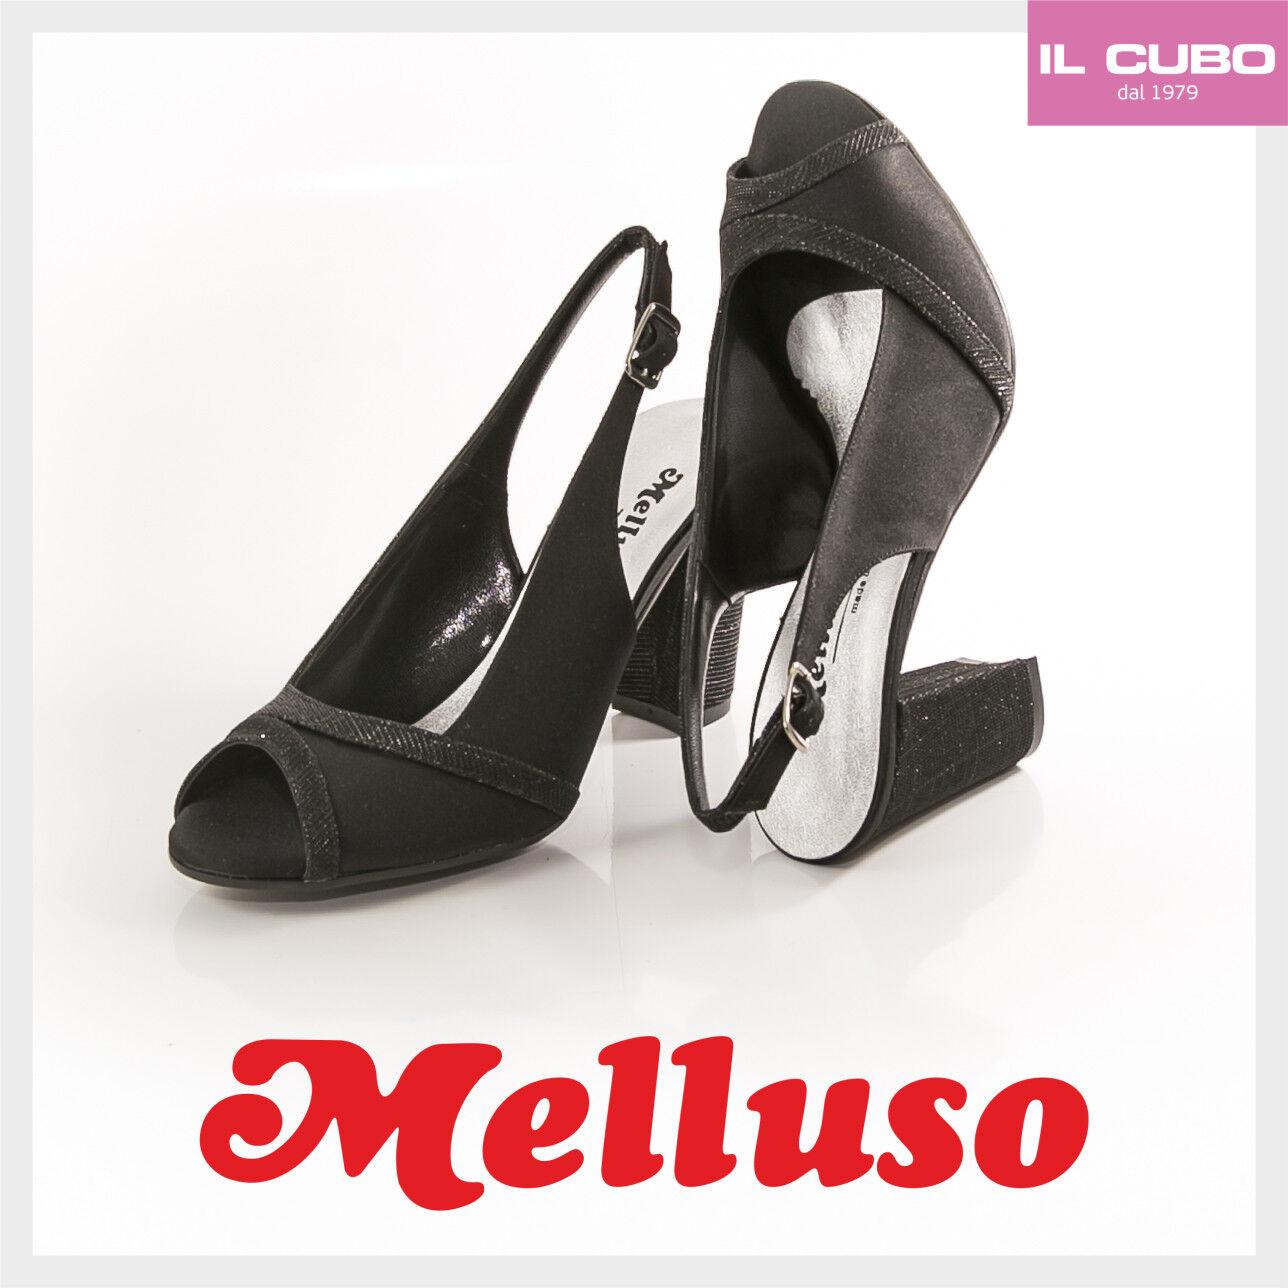 MELLUSO SANDALO Damens SCARPA RASO COLORE NERO TACCO H 8 MADE CM MADE 8 IN ITALY be3f3c